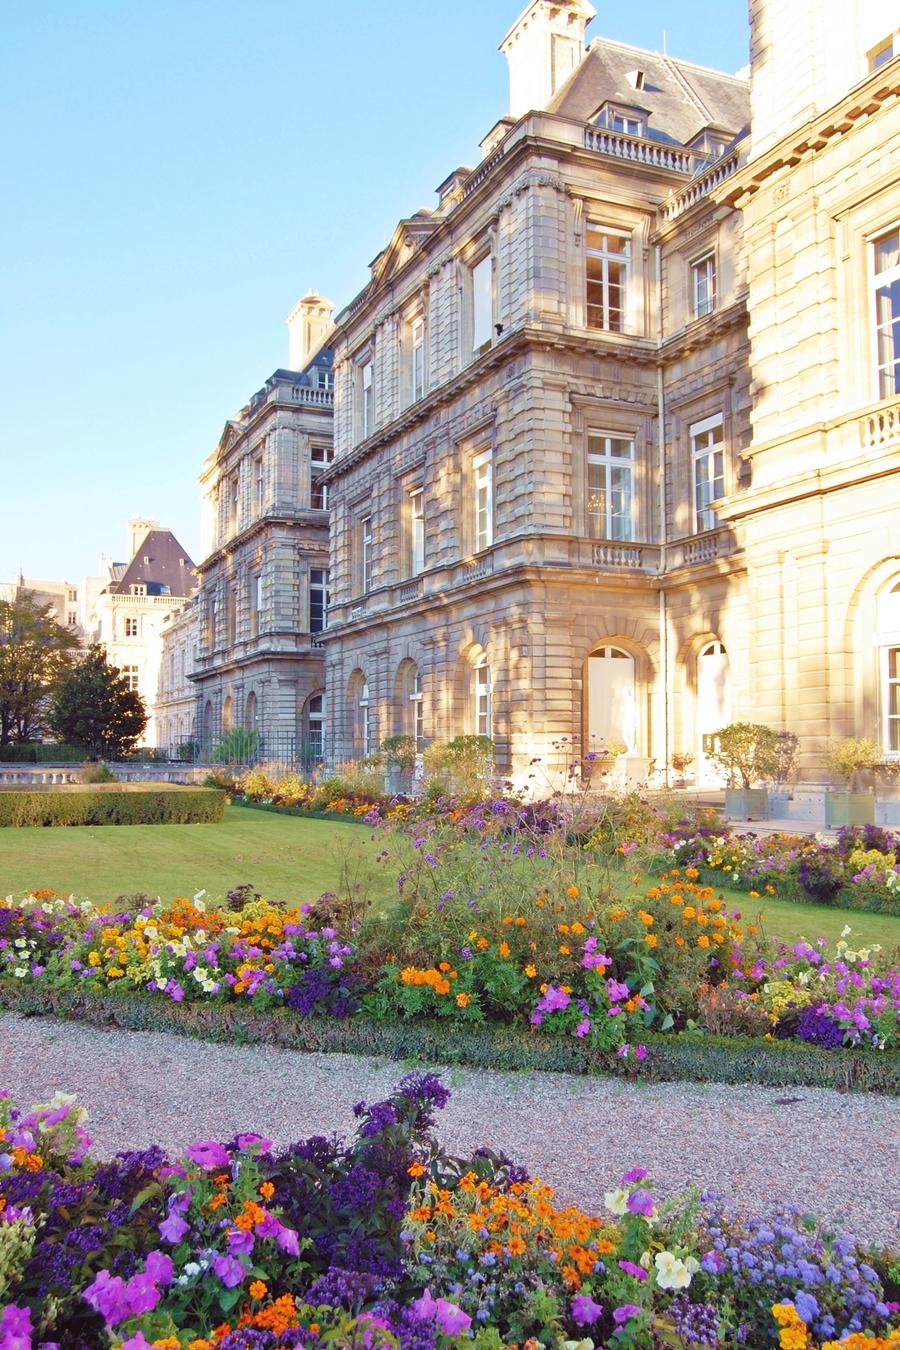 Autumn in Paris (5)